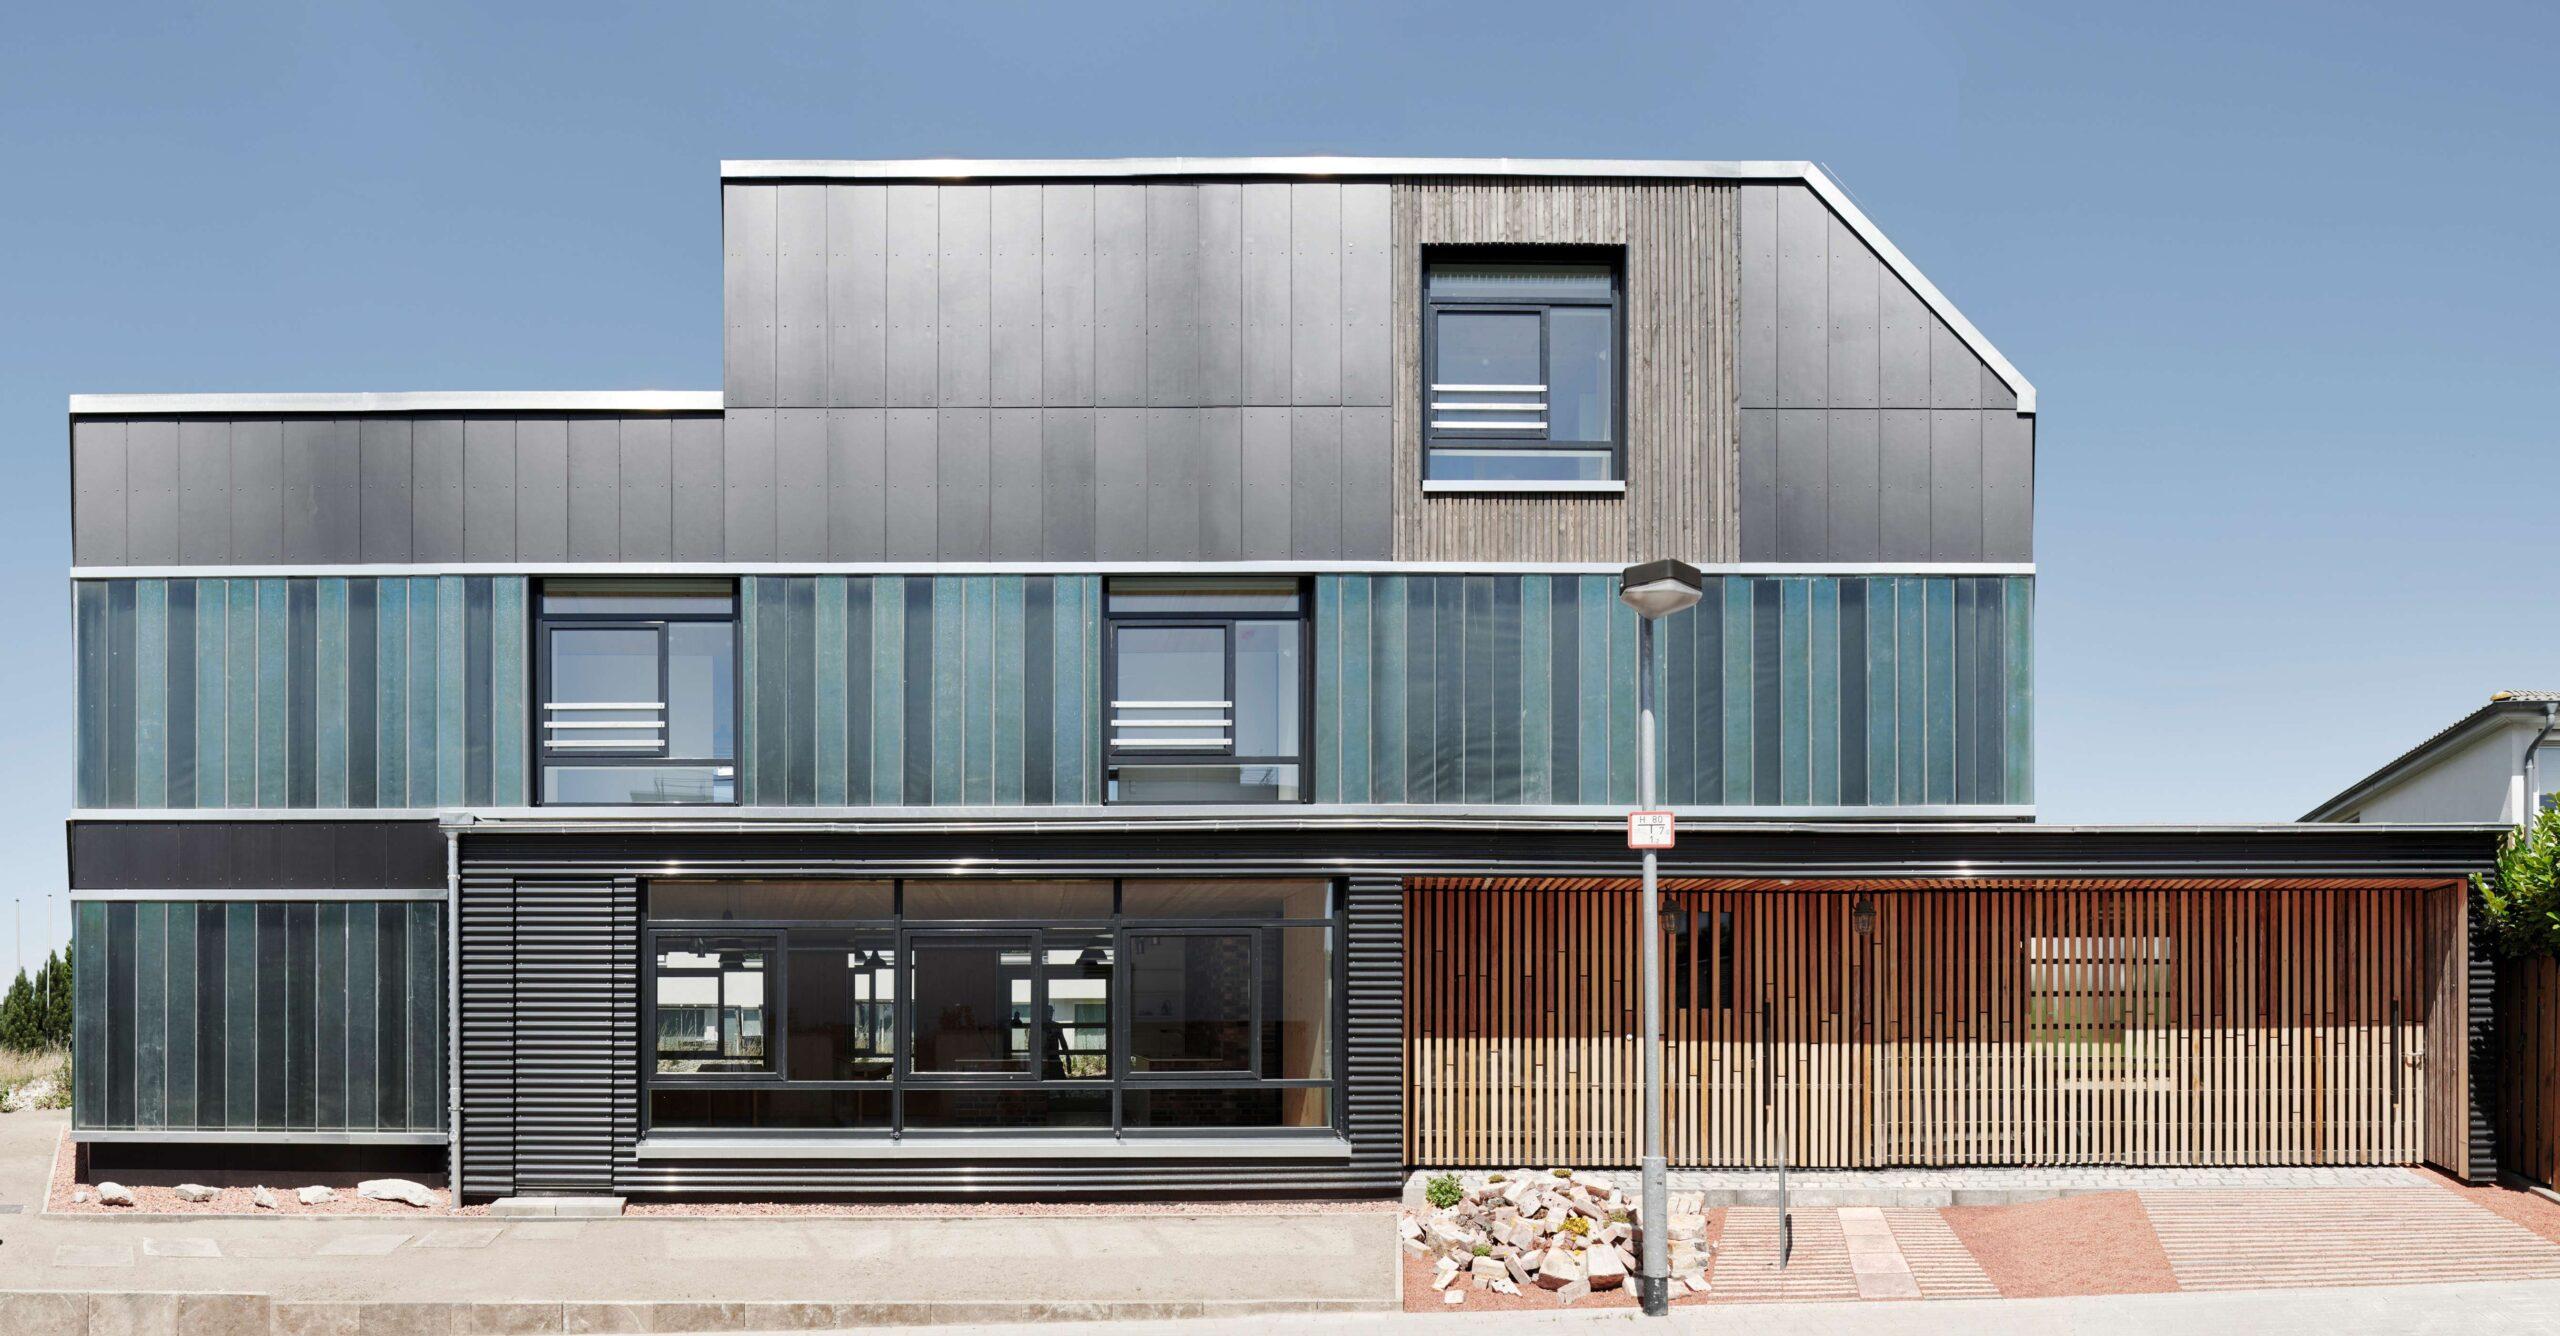 фасад с алюминиевыми окнами